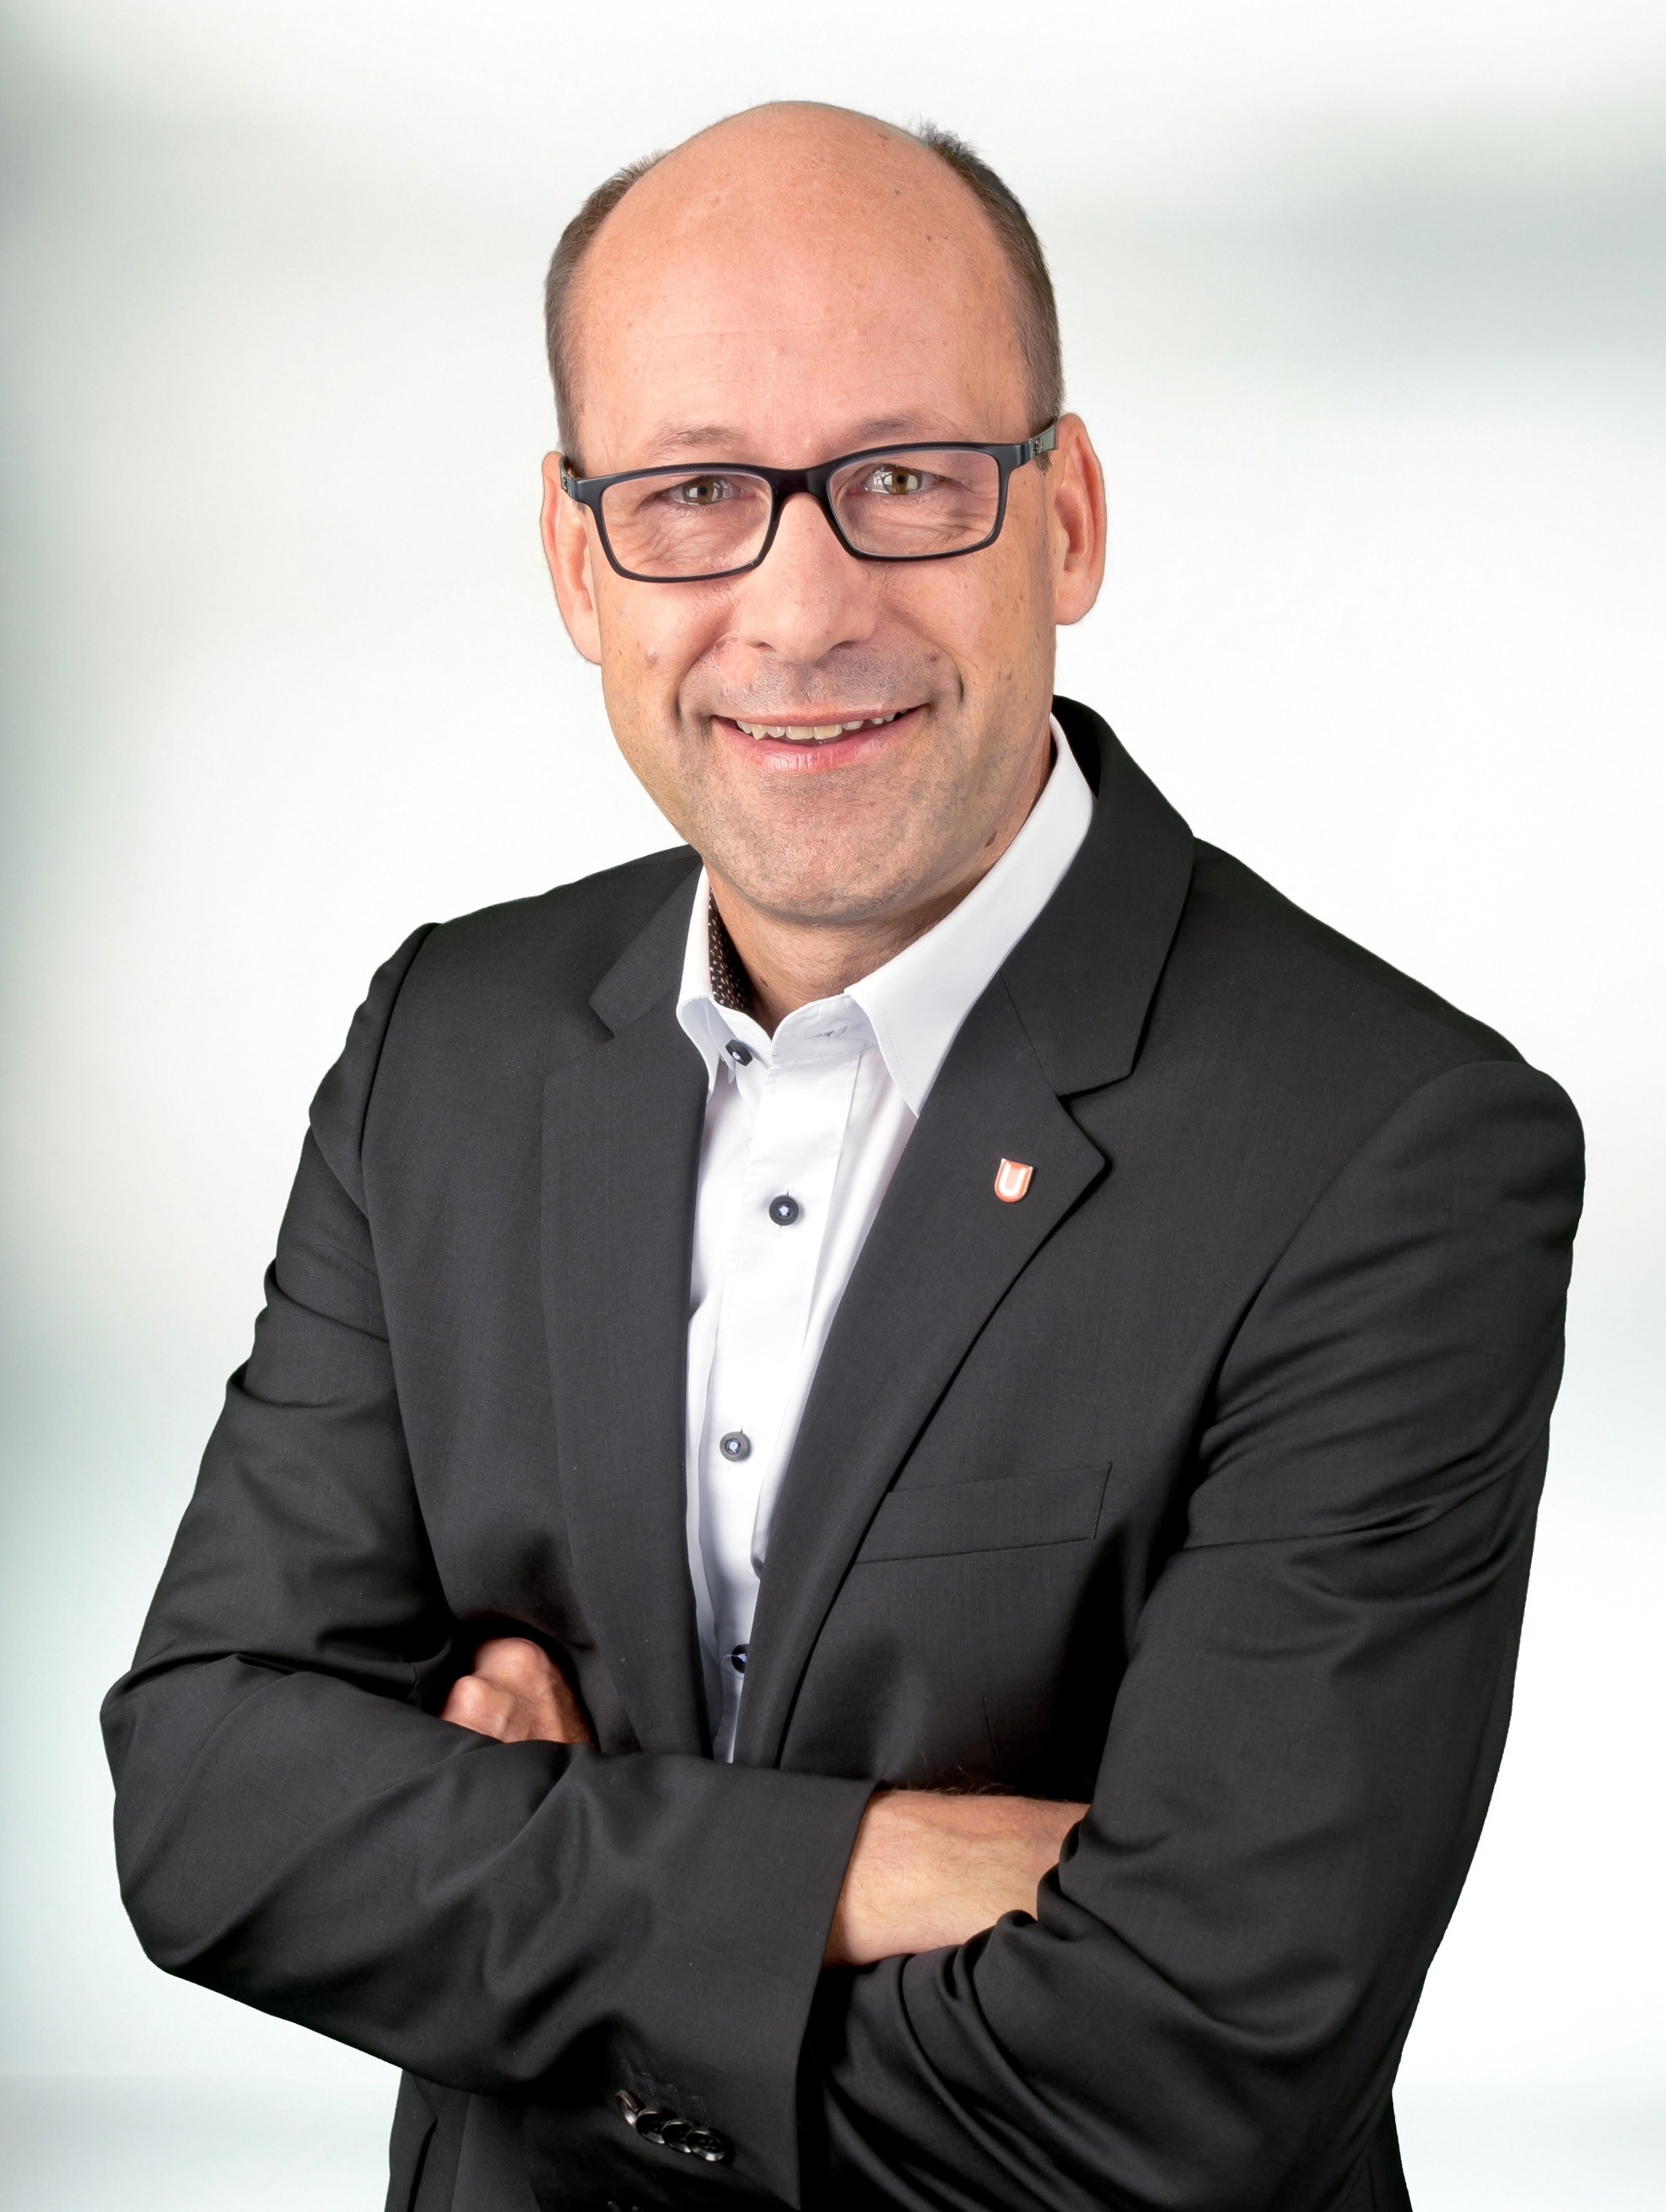 Wolfgang Cieplik